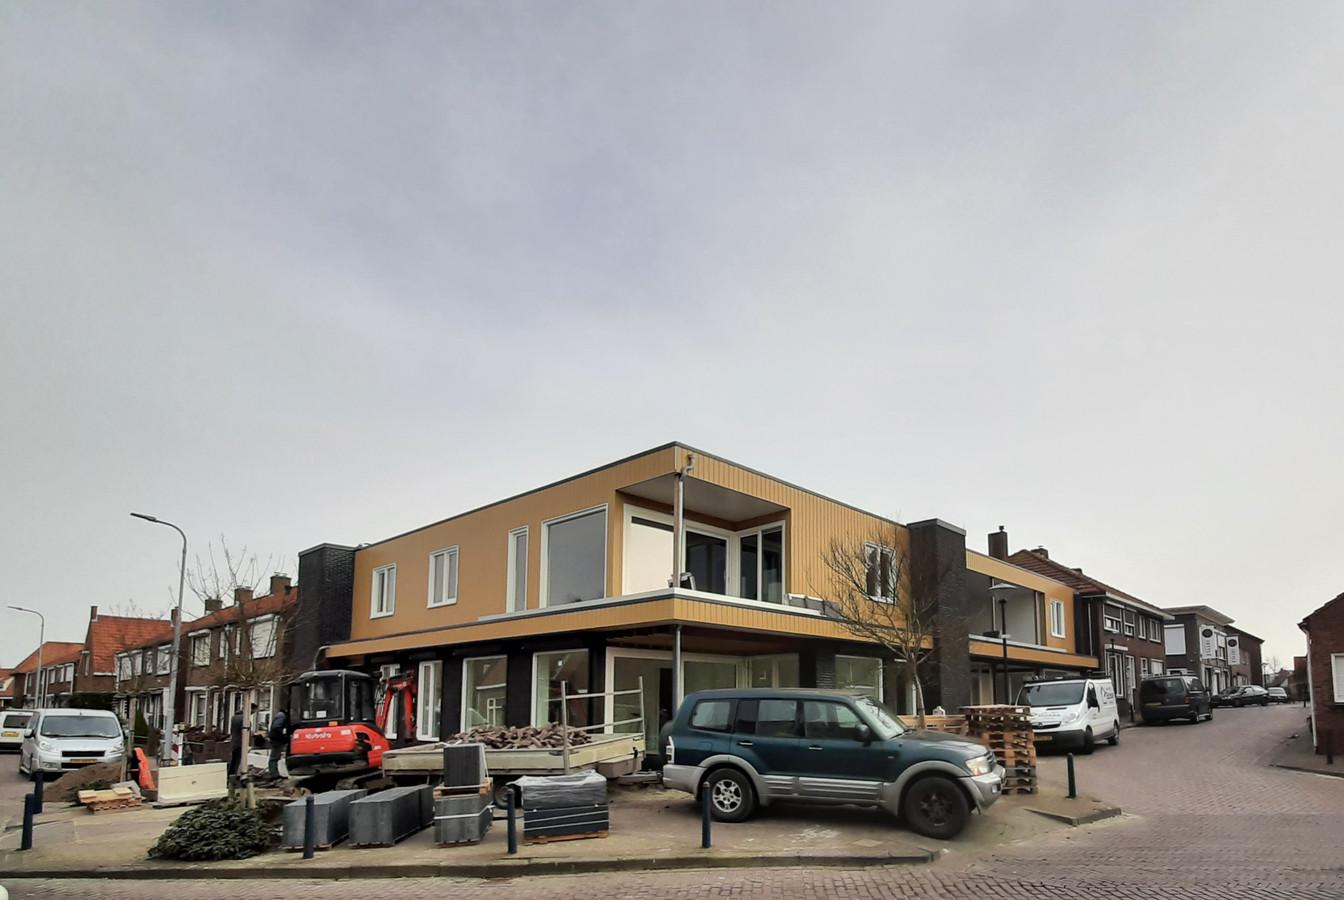 De Jager verbouwde dit voormalige winkelpand aan de Paardenmarkt in Yerseke tot appartementengebouw met zes woningen.